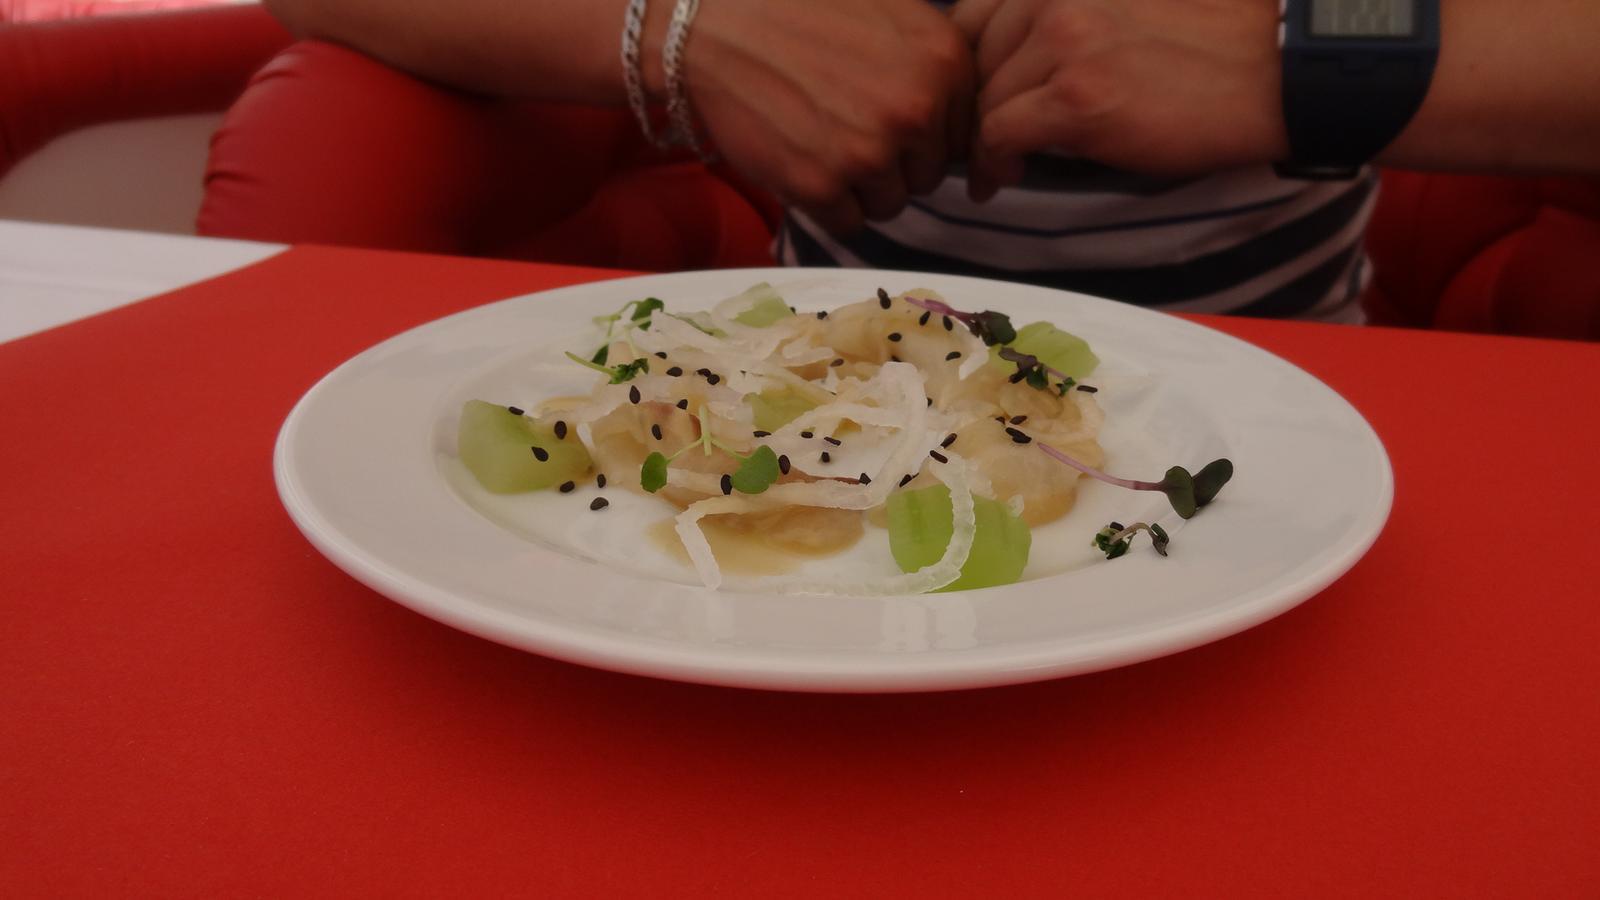 Degustační požitek - Jeseter marinovaný v citrusech sashimi style, okurky a dressing z černého sezamu